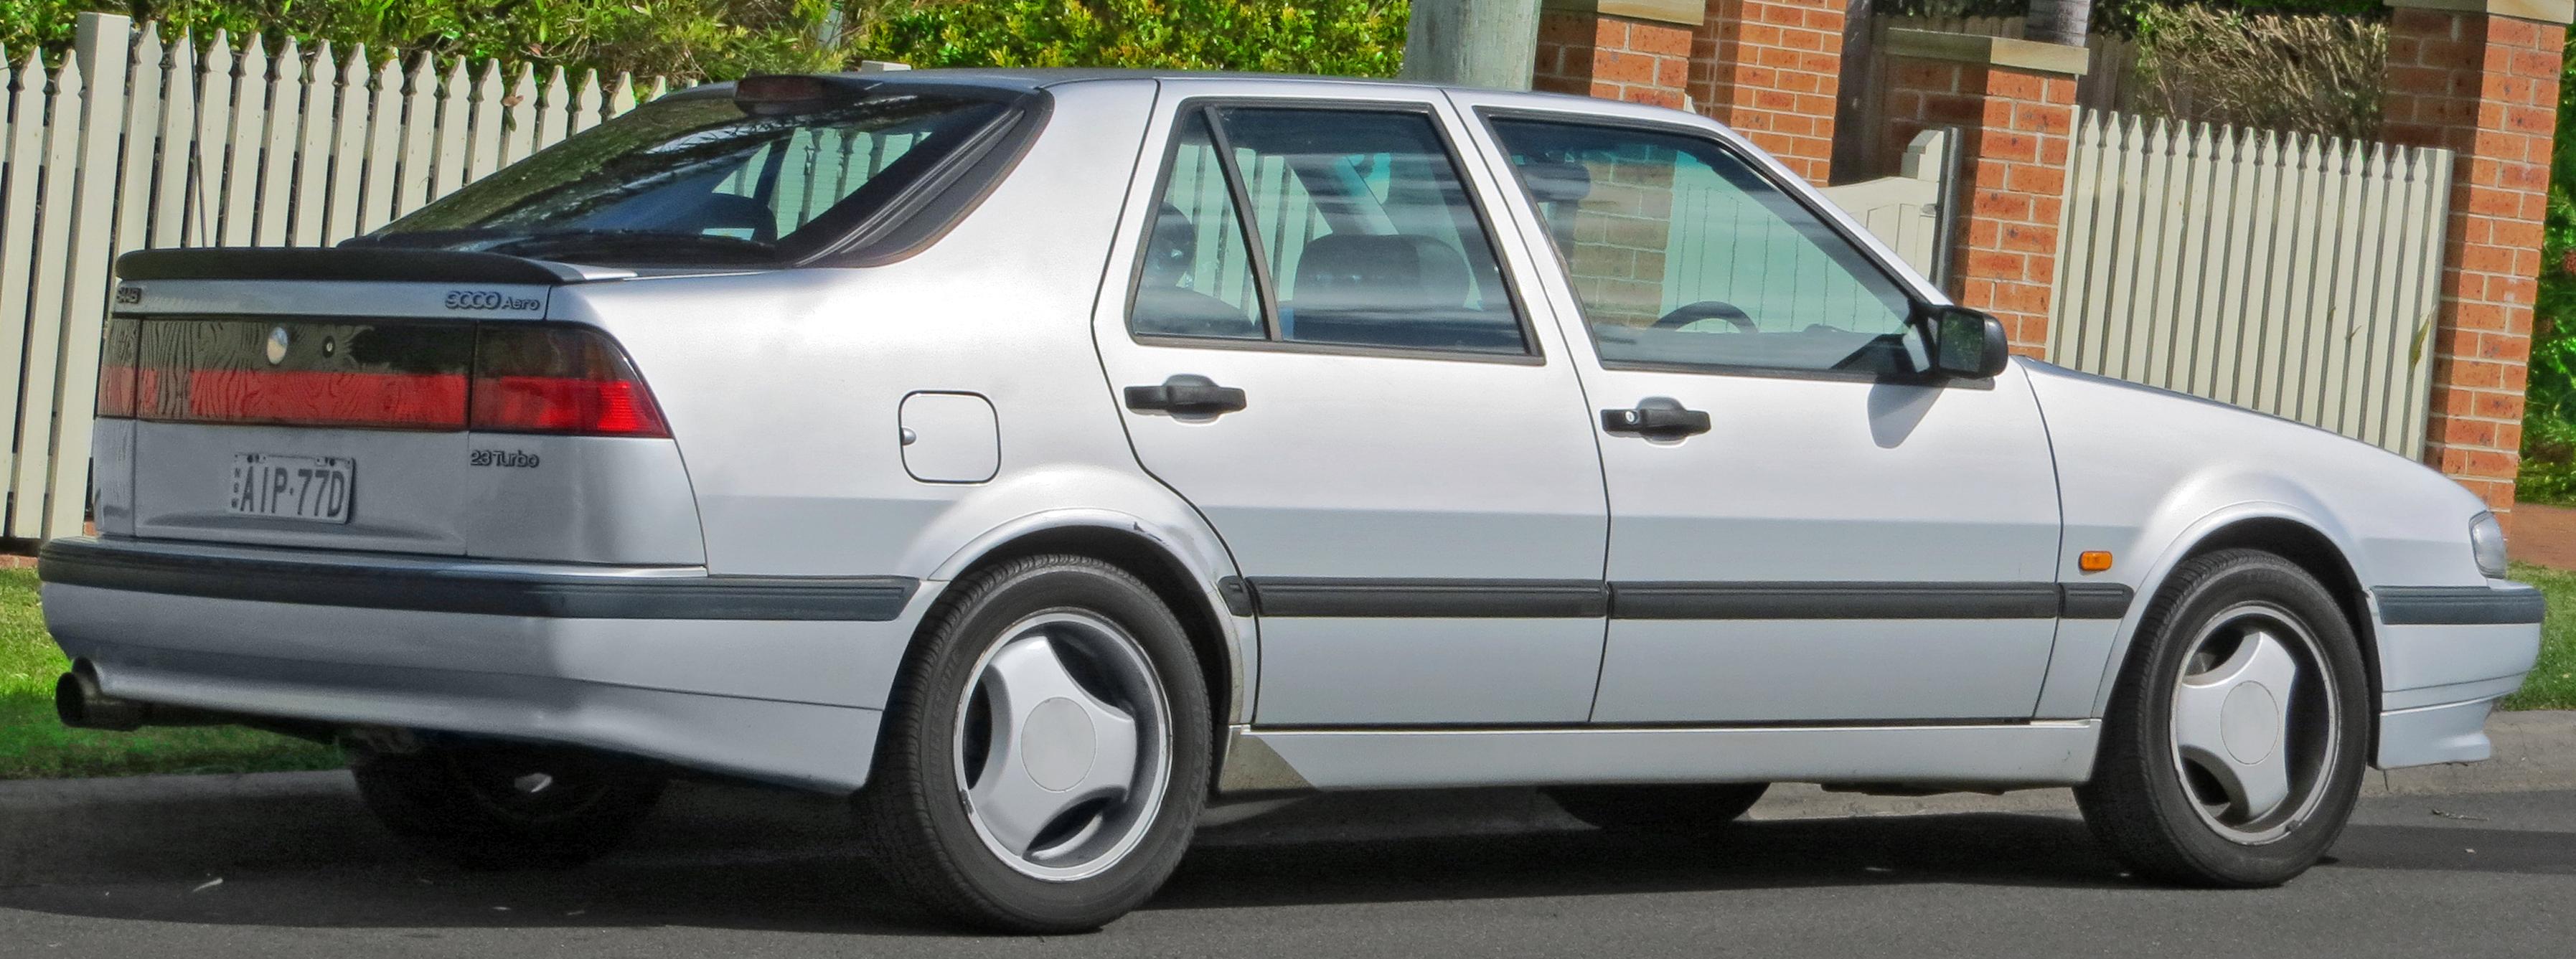 1997_Saab_9000_Aero_2.3_Turbo_hatchback_%282012-09-01%29_02.jpg